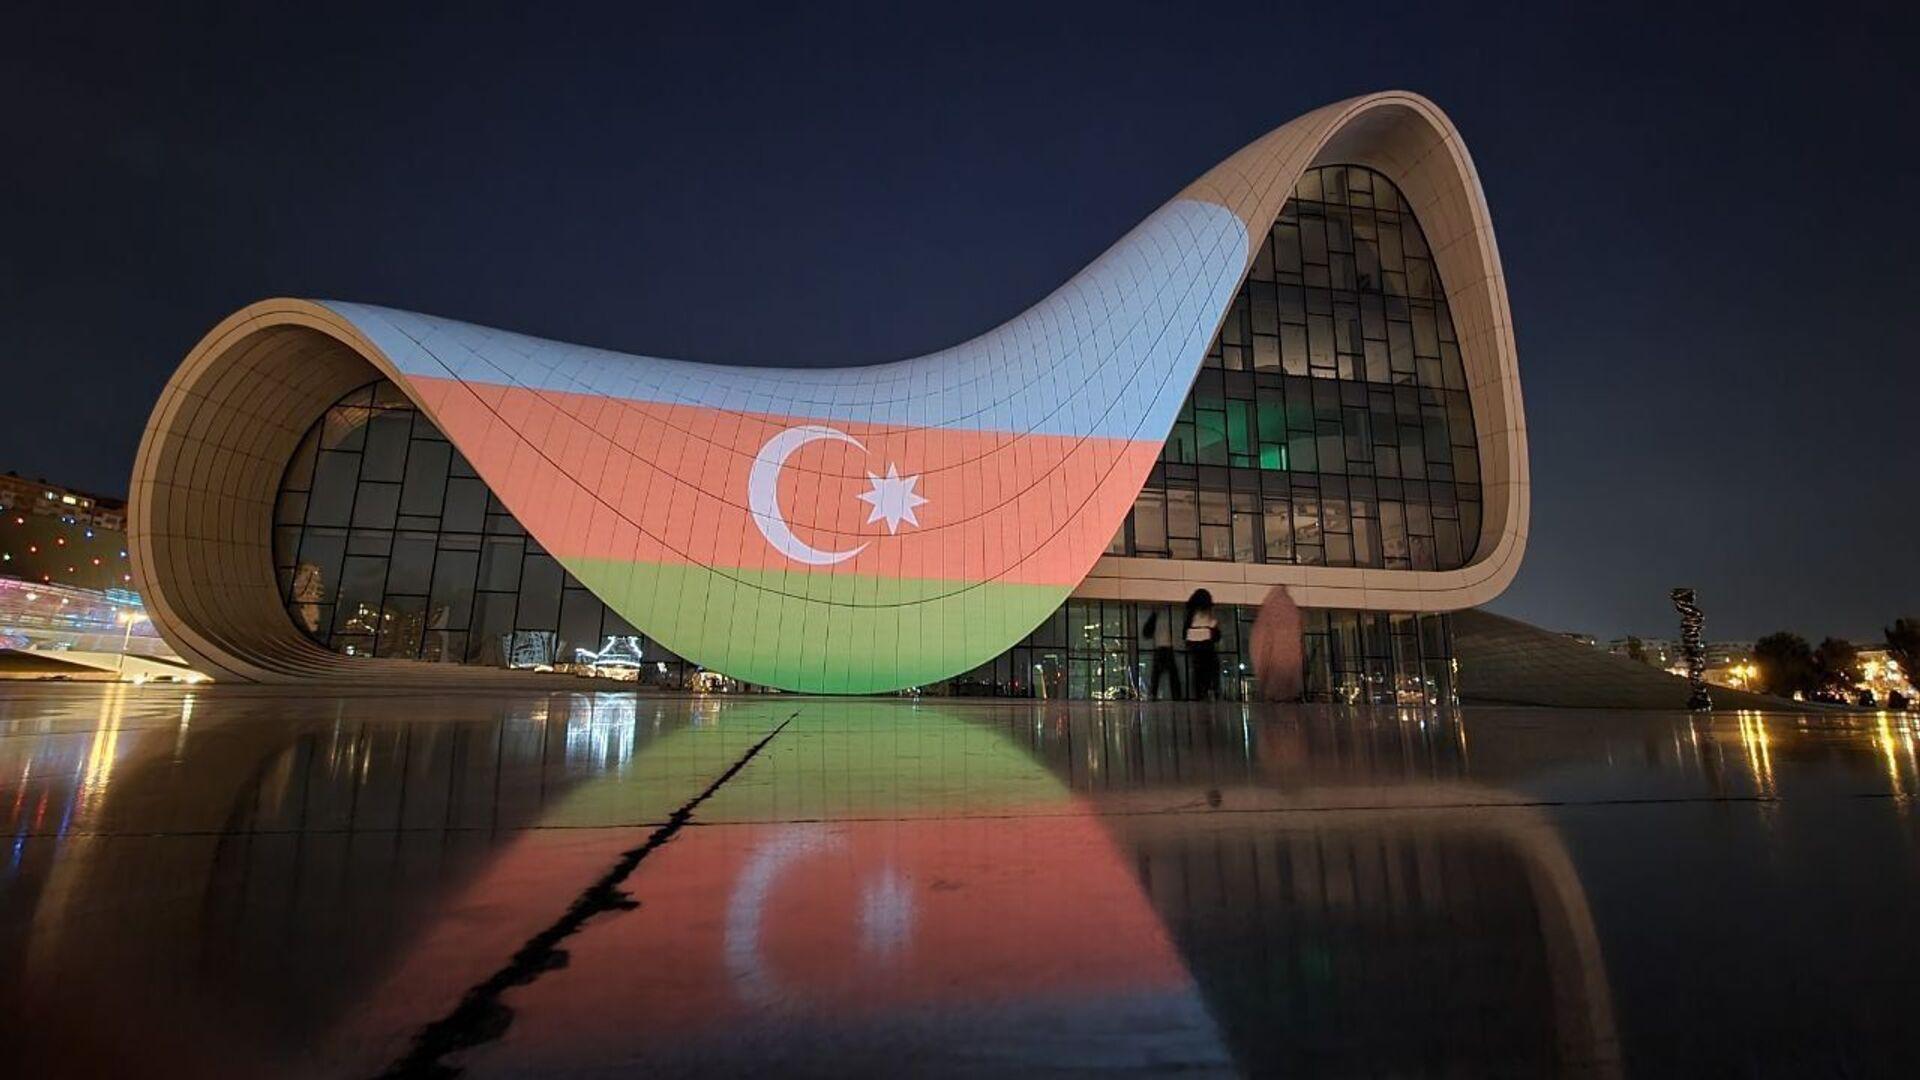 Alov qüllələri üzərində Azərbaycan bayrağının rəngləri proyeksiya olunub - Sputnik Азербайджан, 1920, 27.09.2021